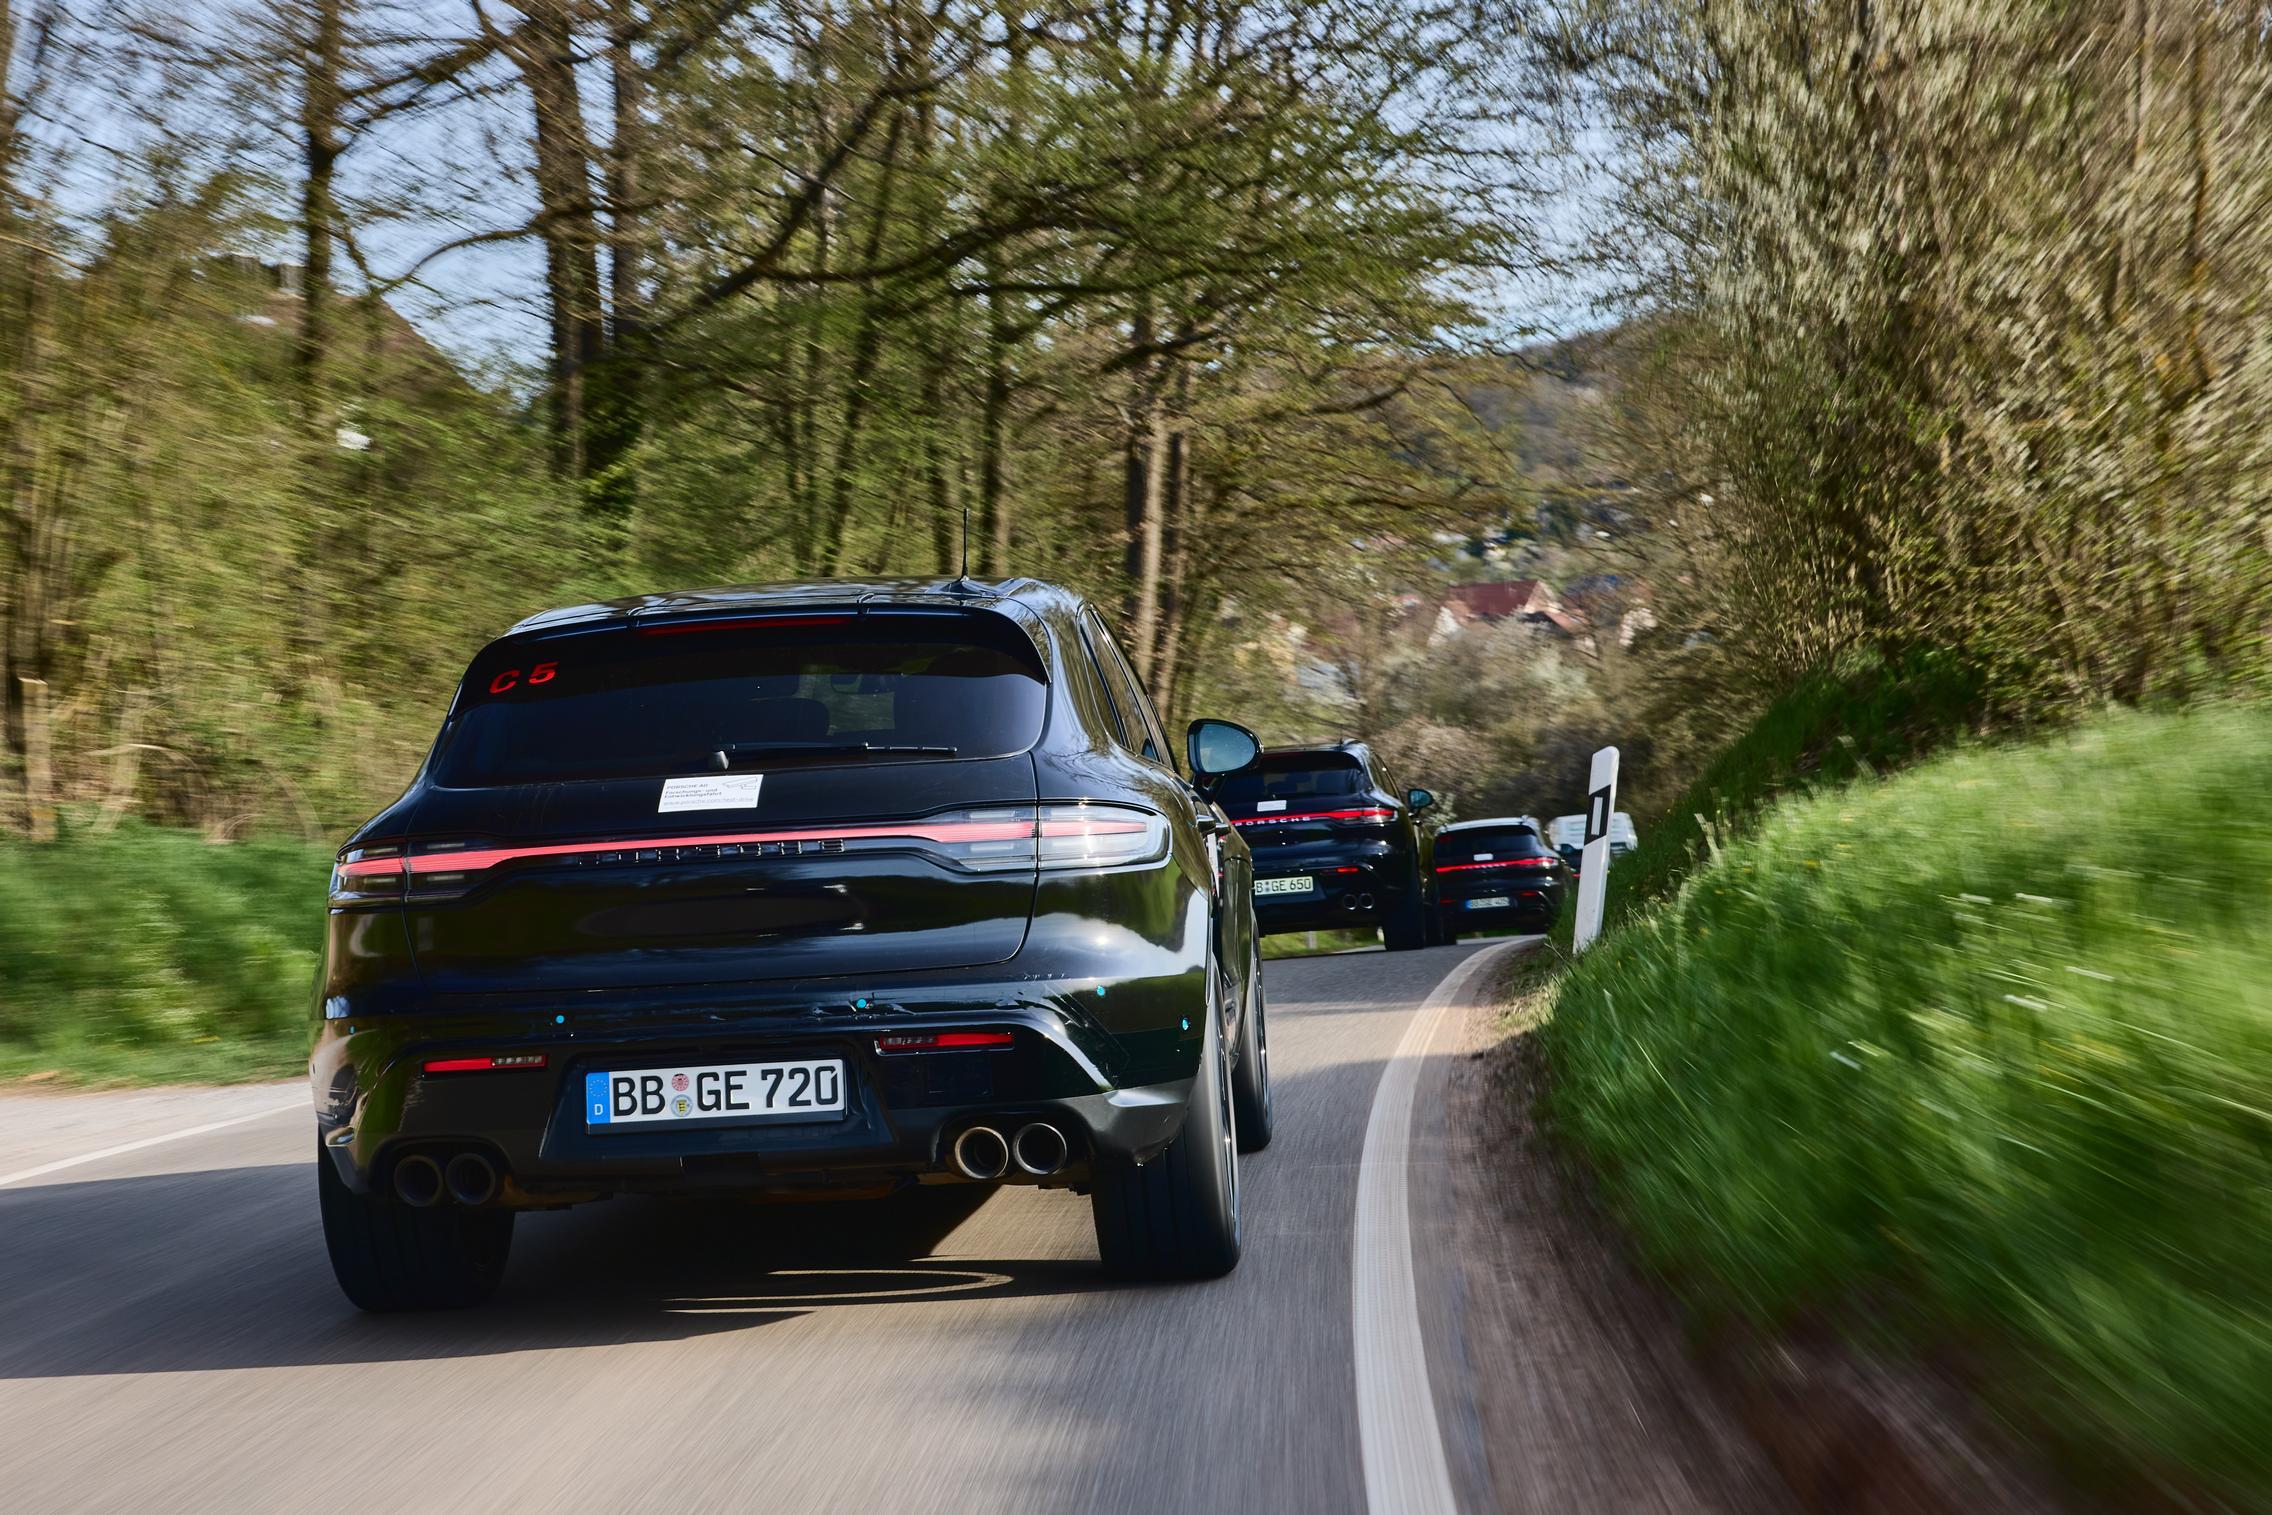 2022 Porsche Macan Facelift